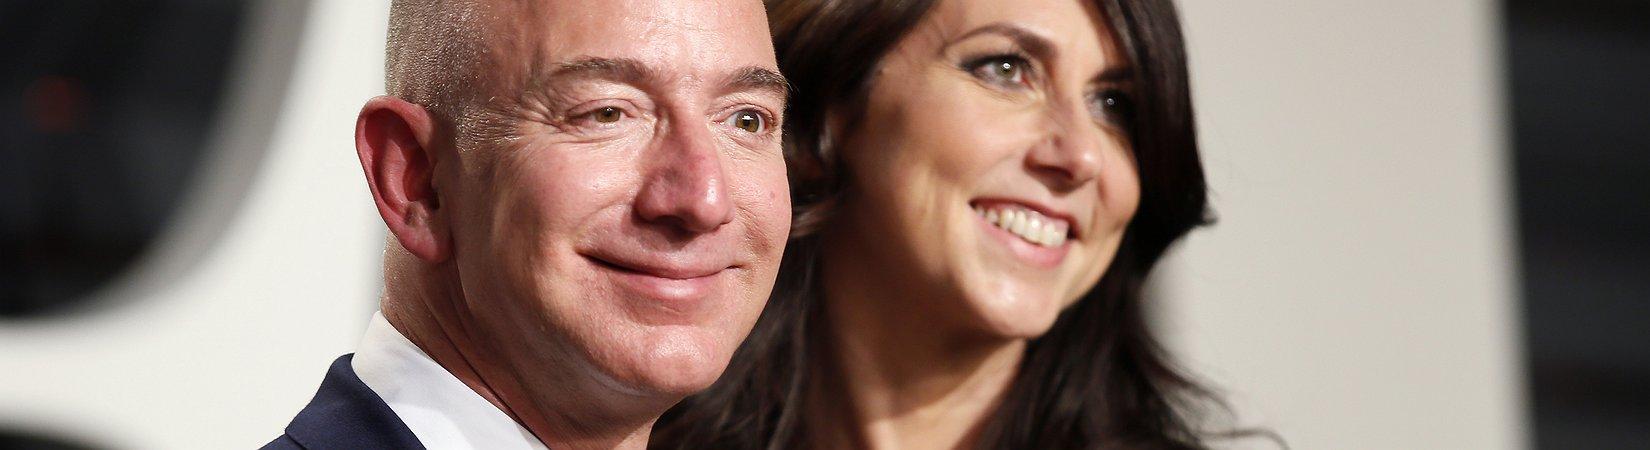 Jeff Bezos: La historia de una de las personas más ricas del mundo